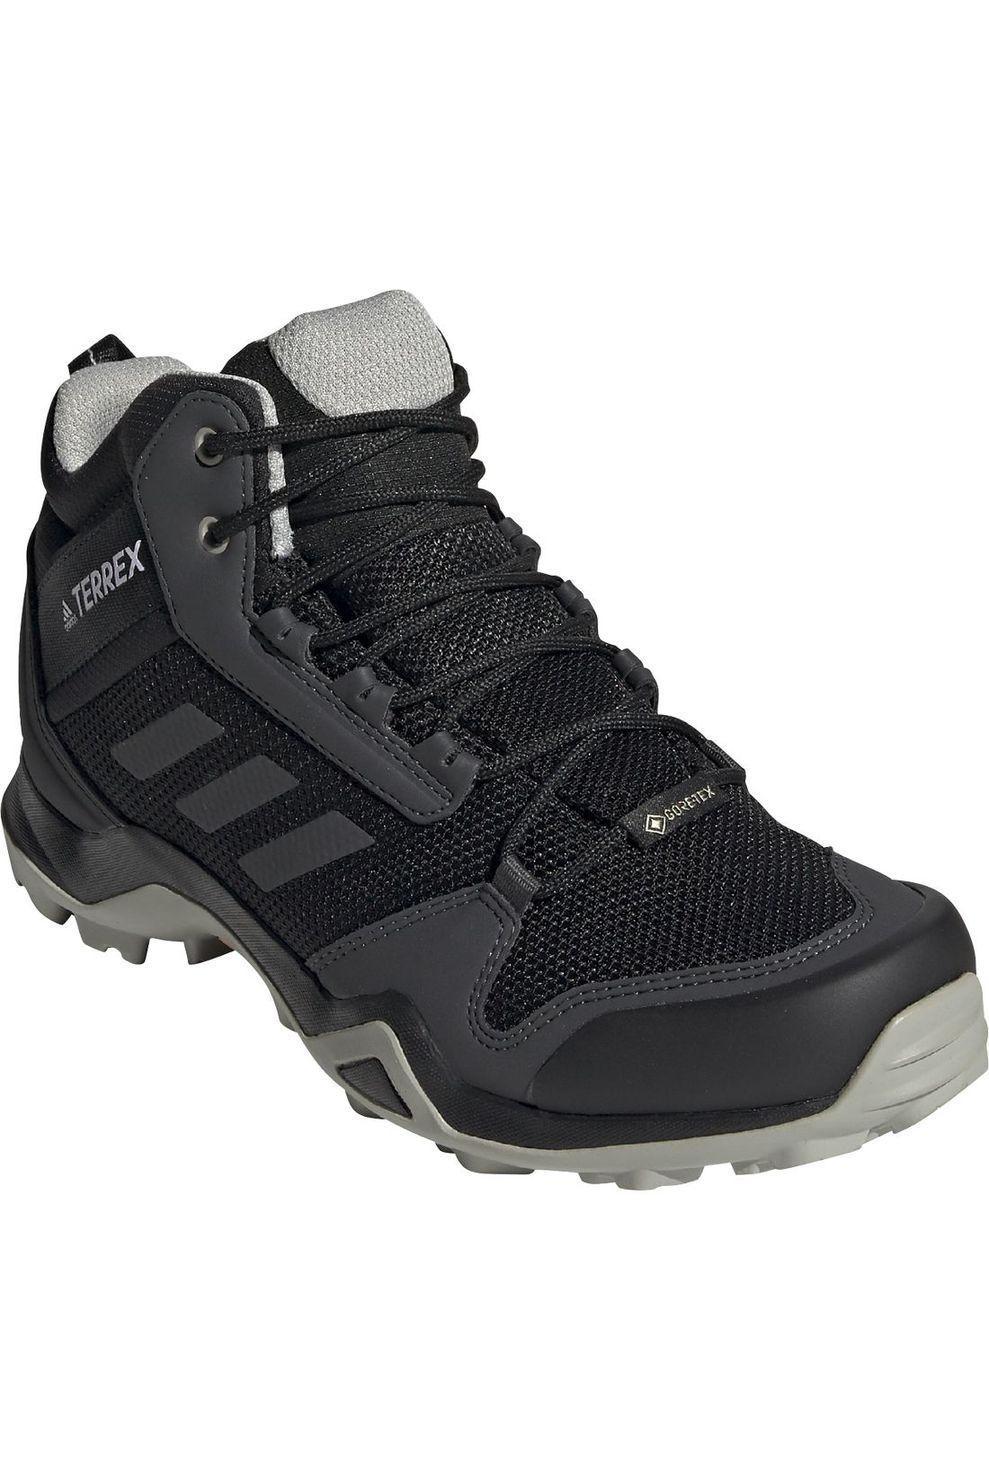 adidas Schoen Terrex AX3 Mid Gore-Tex Women voor dames - Zwart/Wit - Maten: 4.5, 5, 5.5, 7